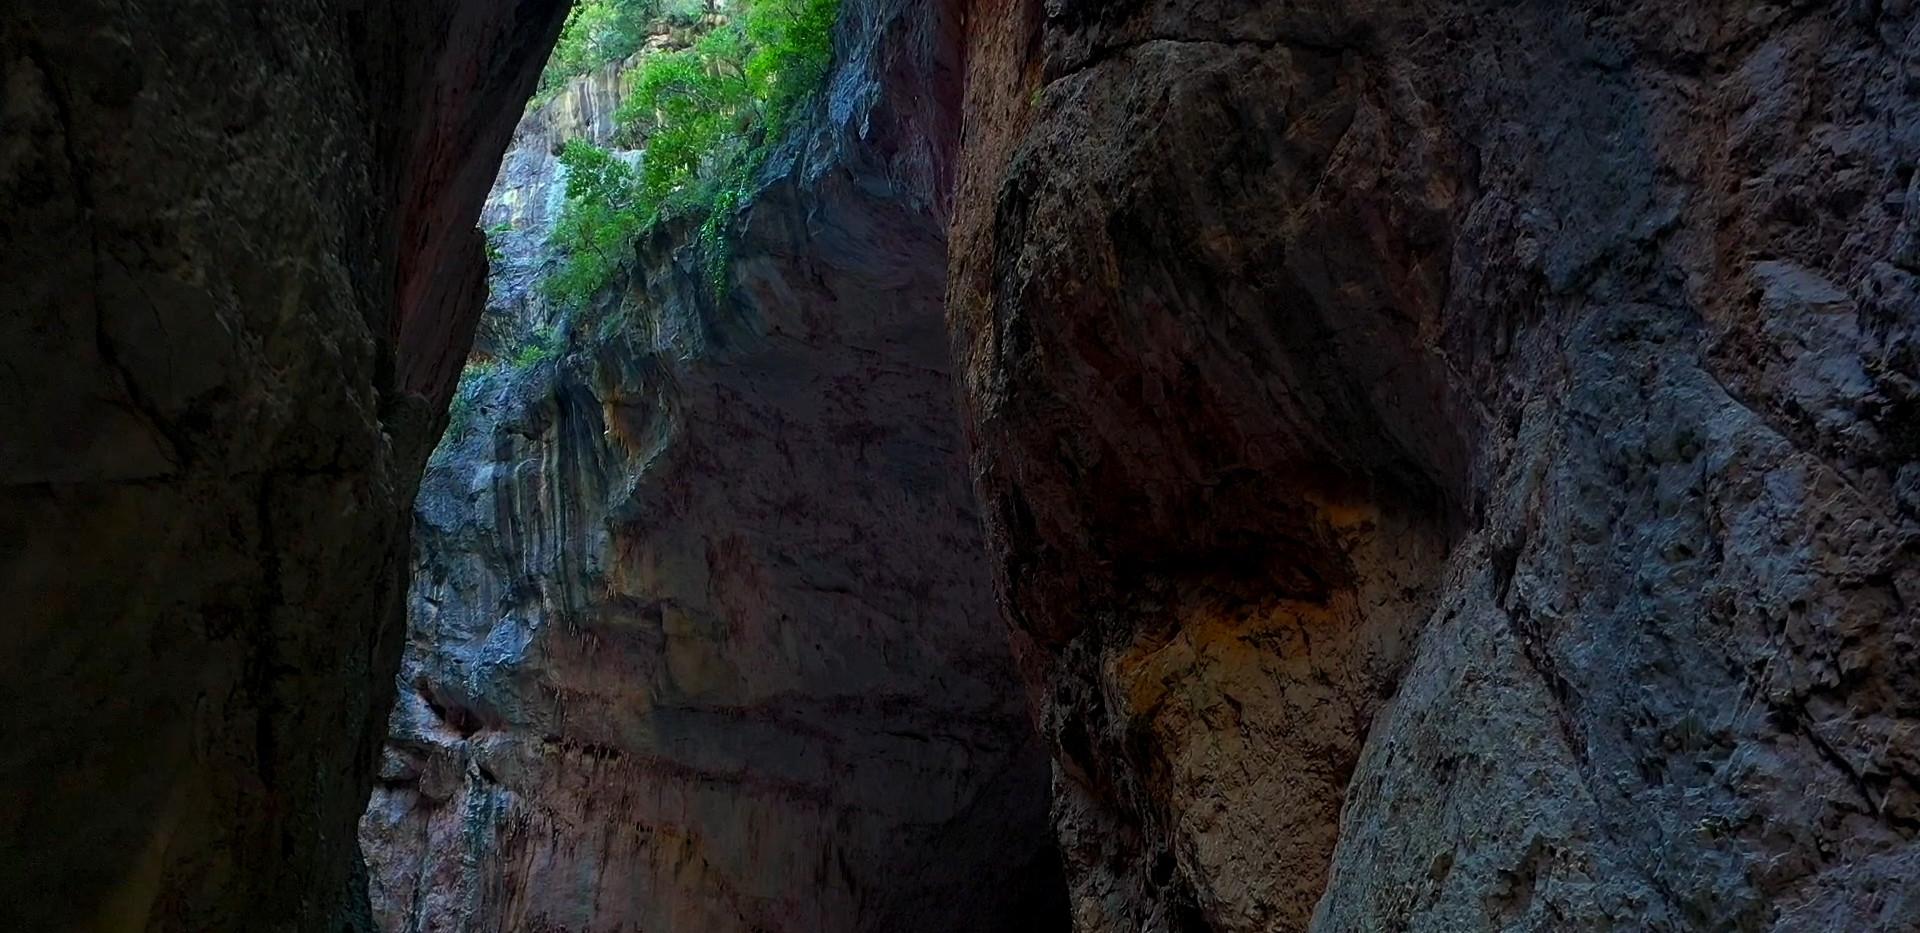 Cueva Sierra de Grazalema